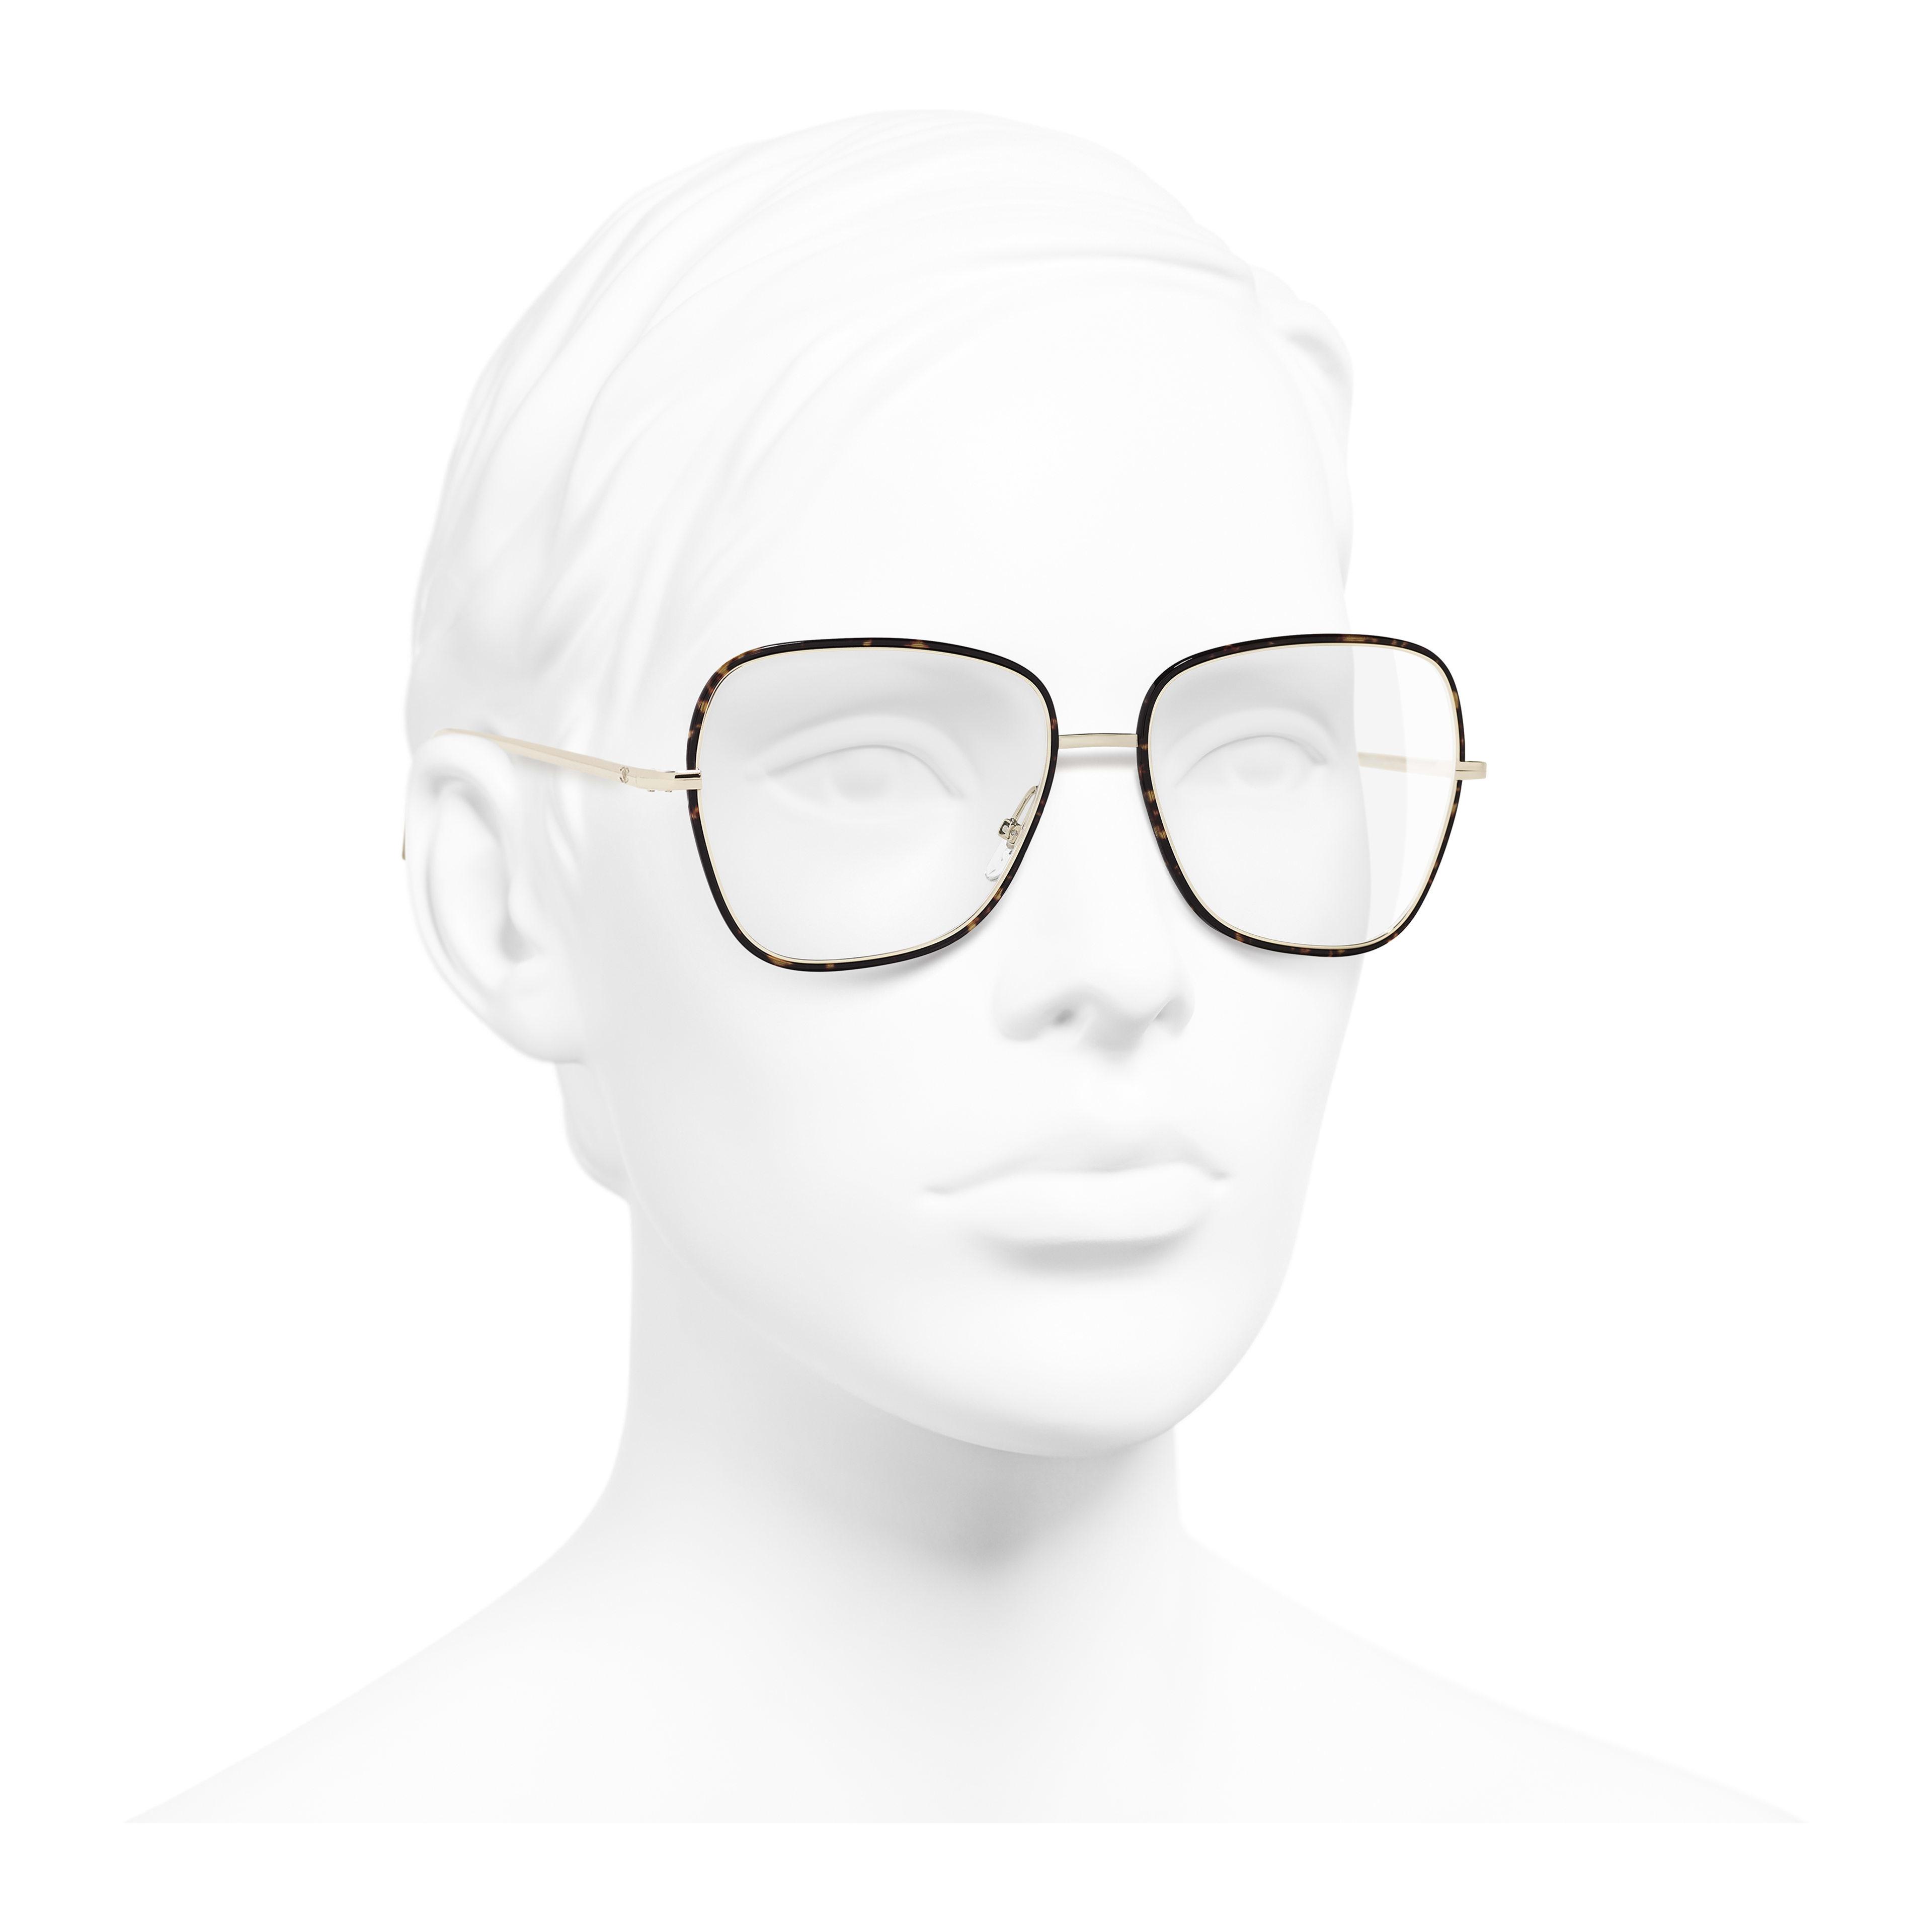 Очки для коррекции зрения квадратной формы - золотистый и коричневый - Металл - Вид в три четверти - посмотреть полноразмерное изображение